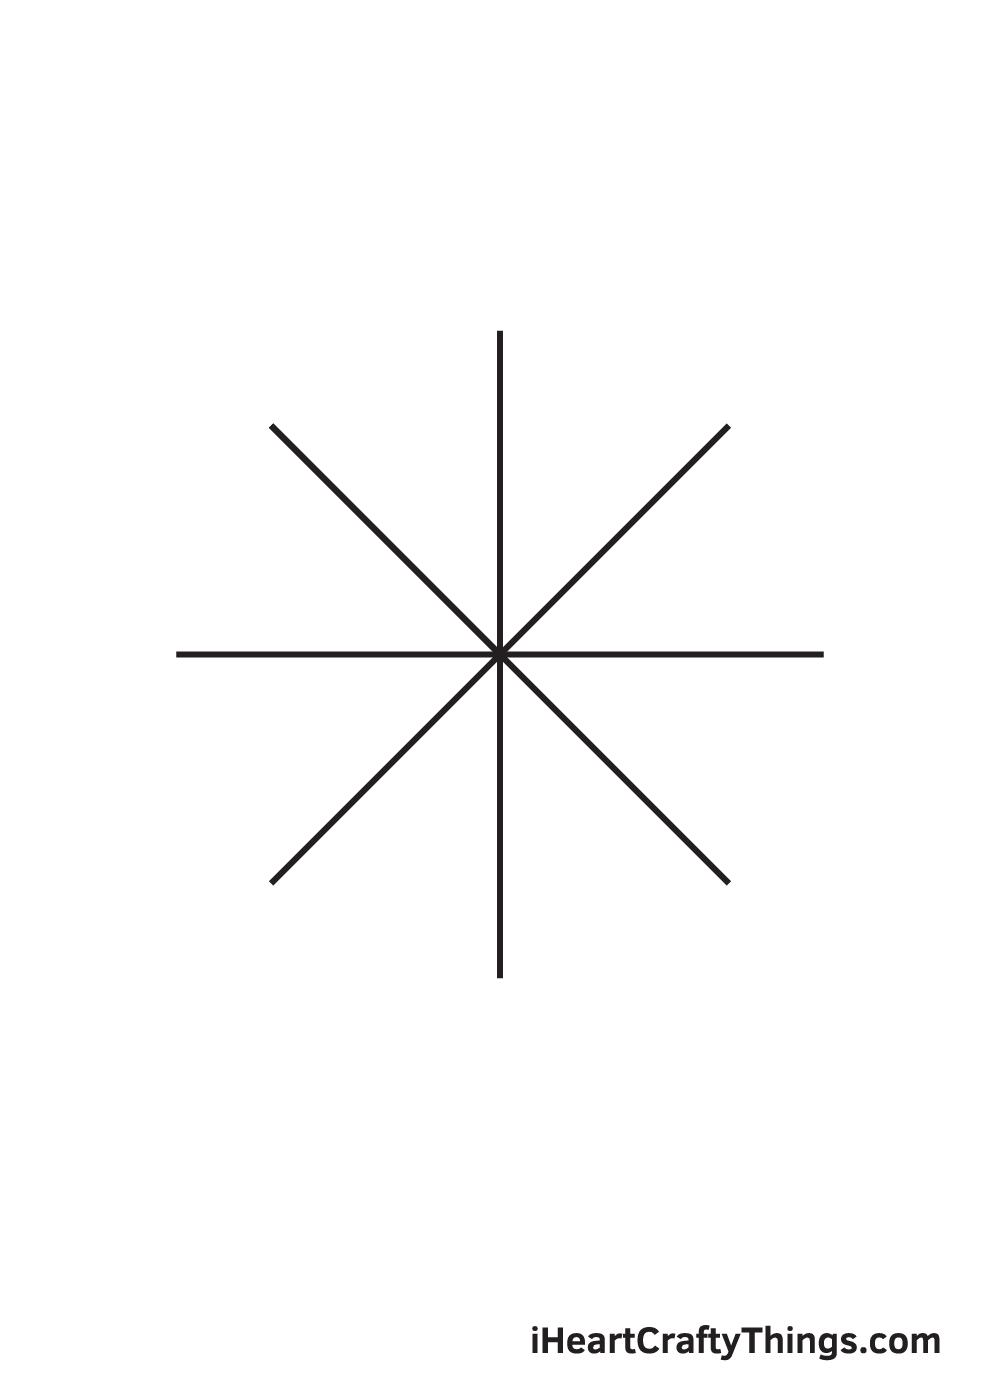 circle drawing step 6